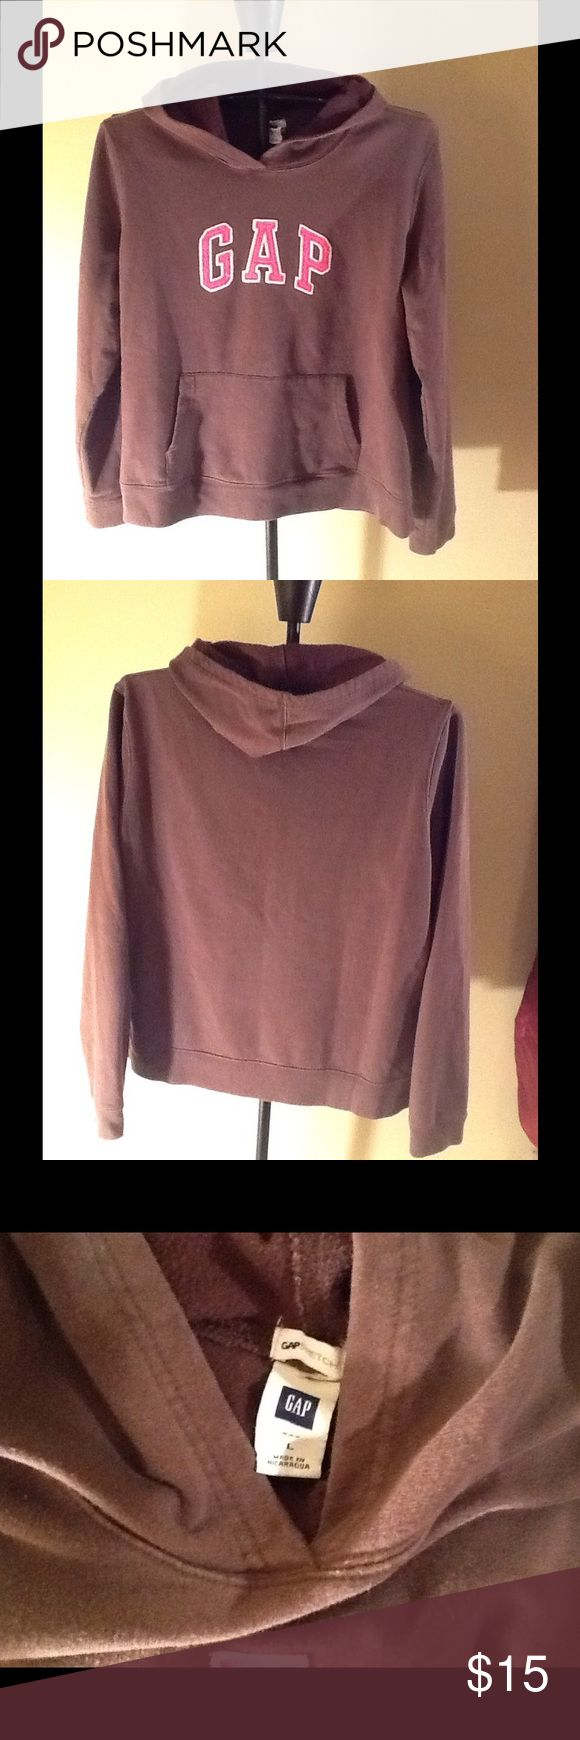 GAP Ladies Hoodie GAP Ladies Hoodie. Pink & brown. Size L. GAP Tops Sweatshirts & Hoodies